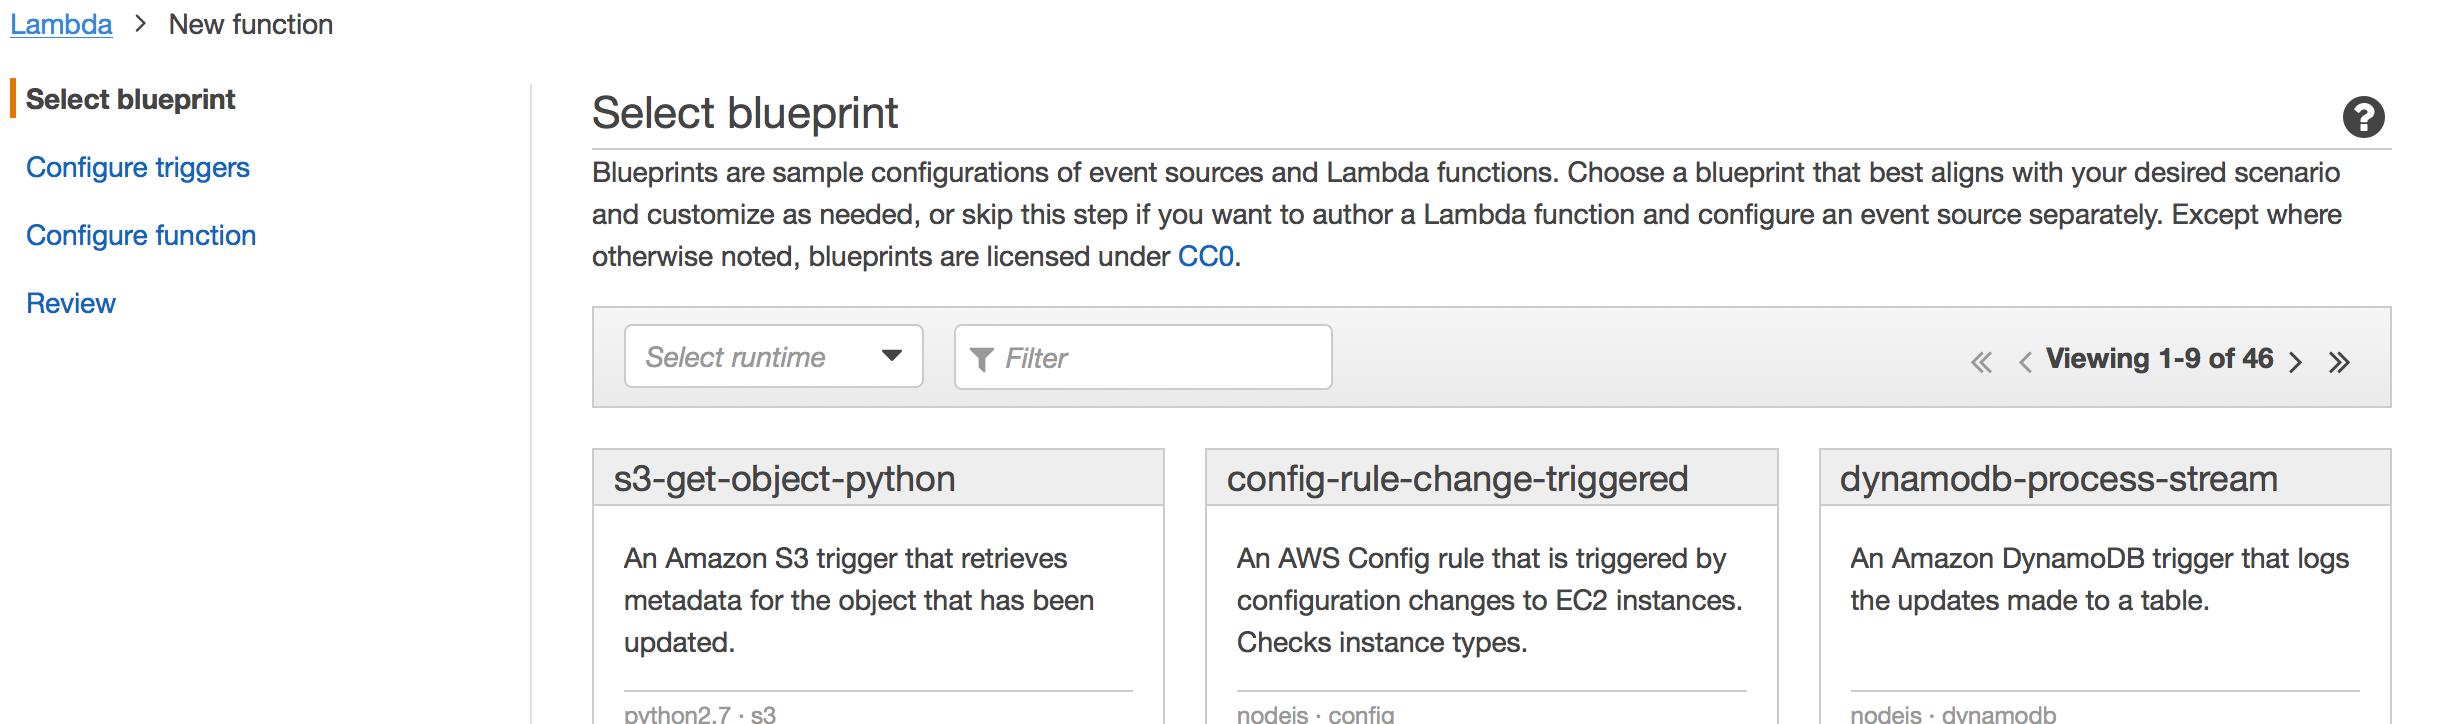 EMR+Lambdaでバッチ処理を自動化する(Lambdaの準備編) - Qiita